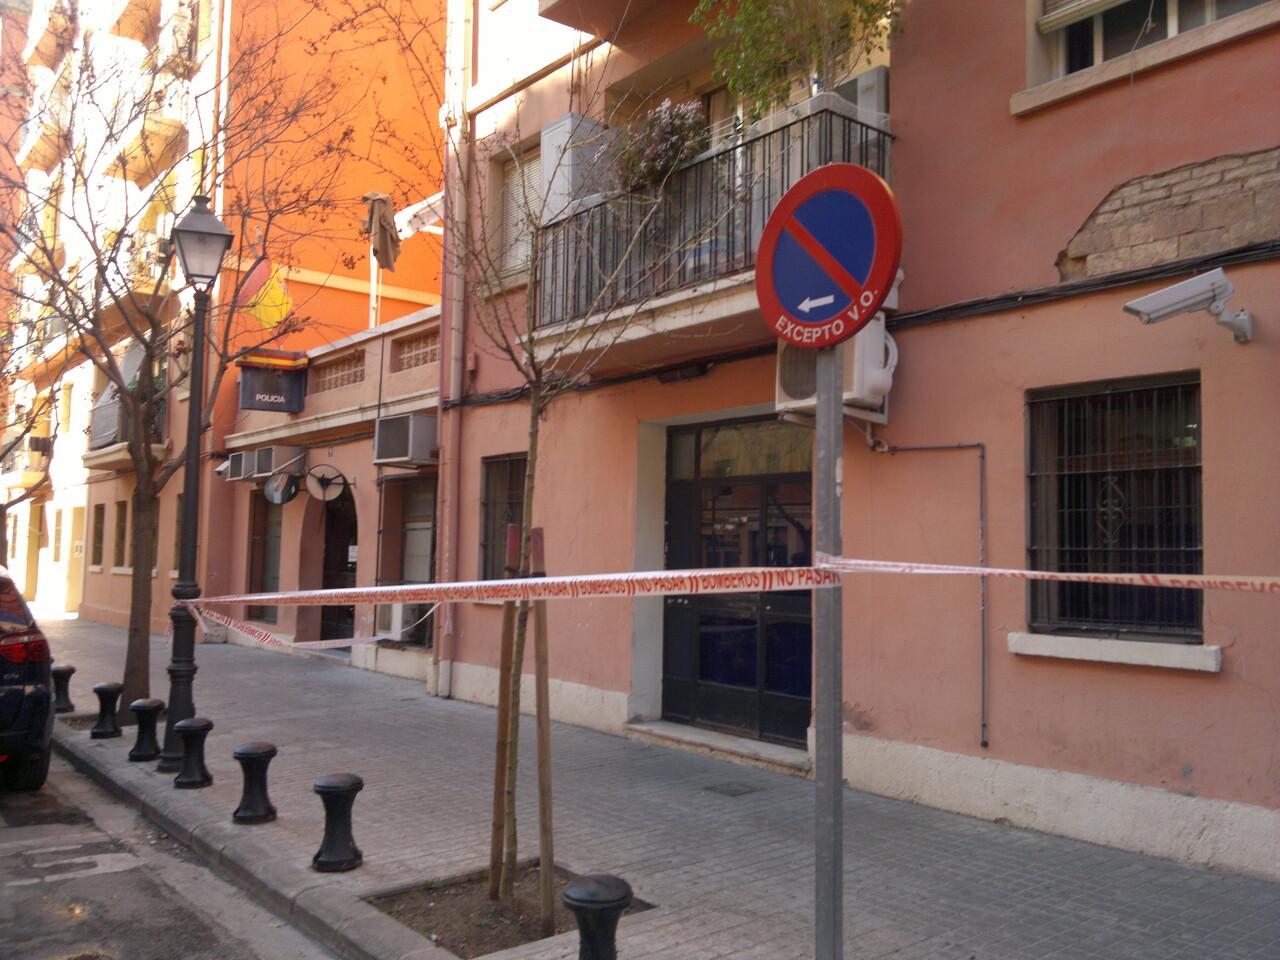 calle sarrion valencia (2)